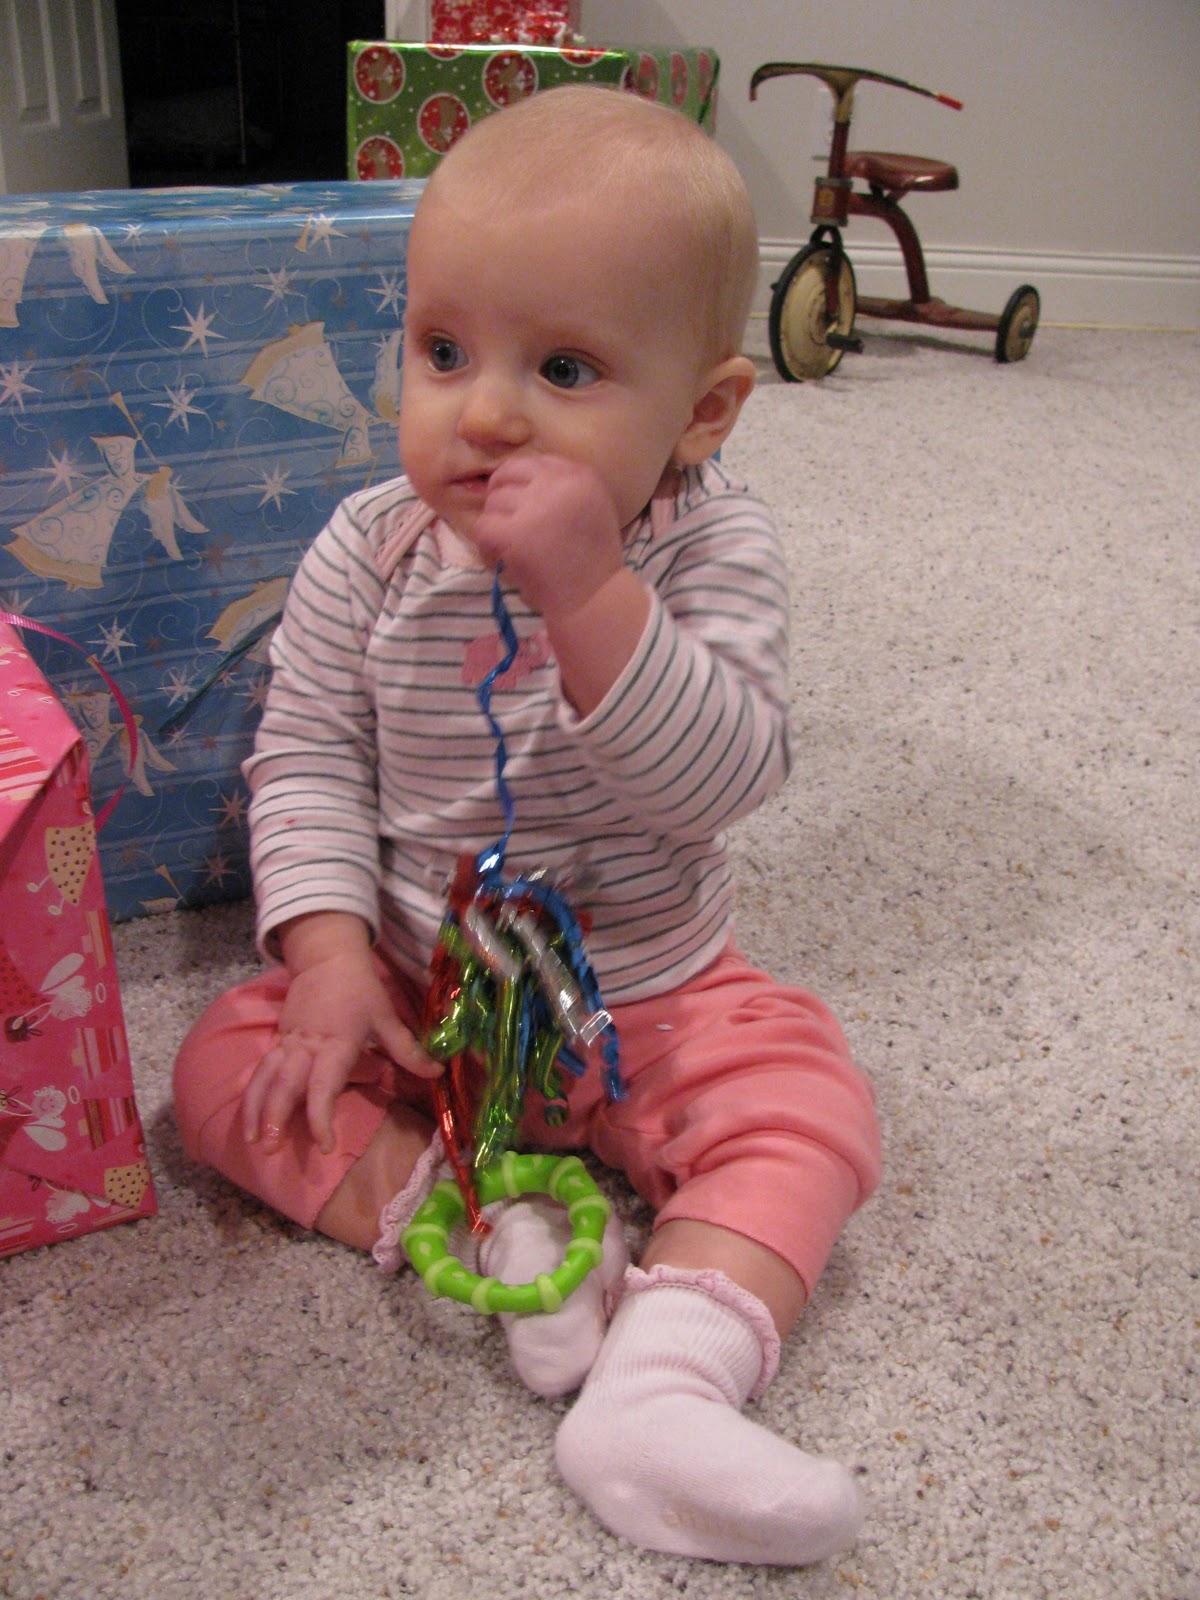 http://1.bp.blogspot.com/_L4R6_AXkDbQ/TRaKda5uSaI/AAAAAAAABFc/EJYTAFS98Nk/s1600/Christmas+Eve+059.JPG